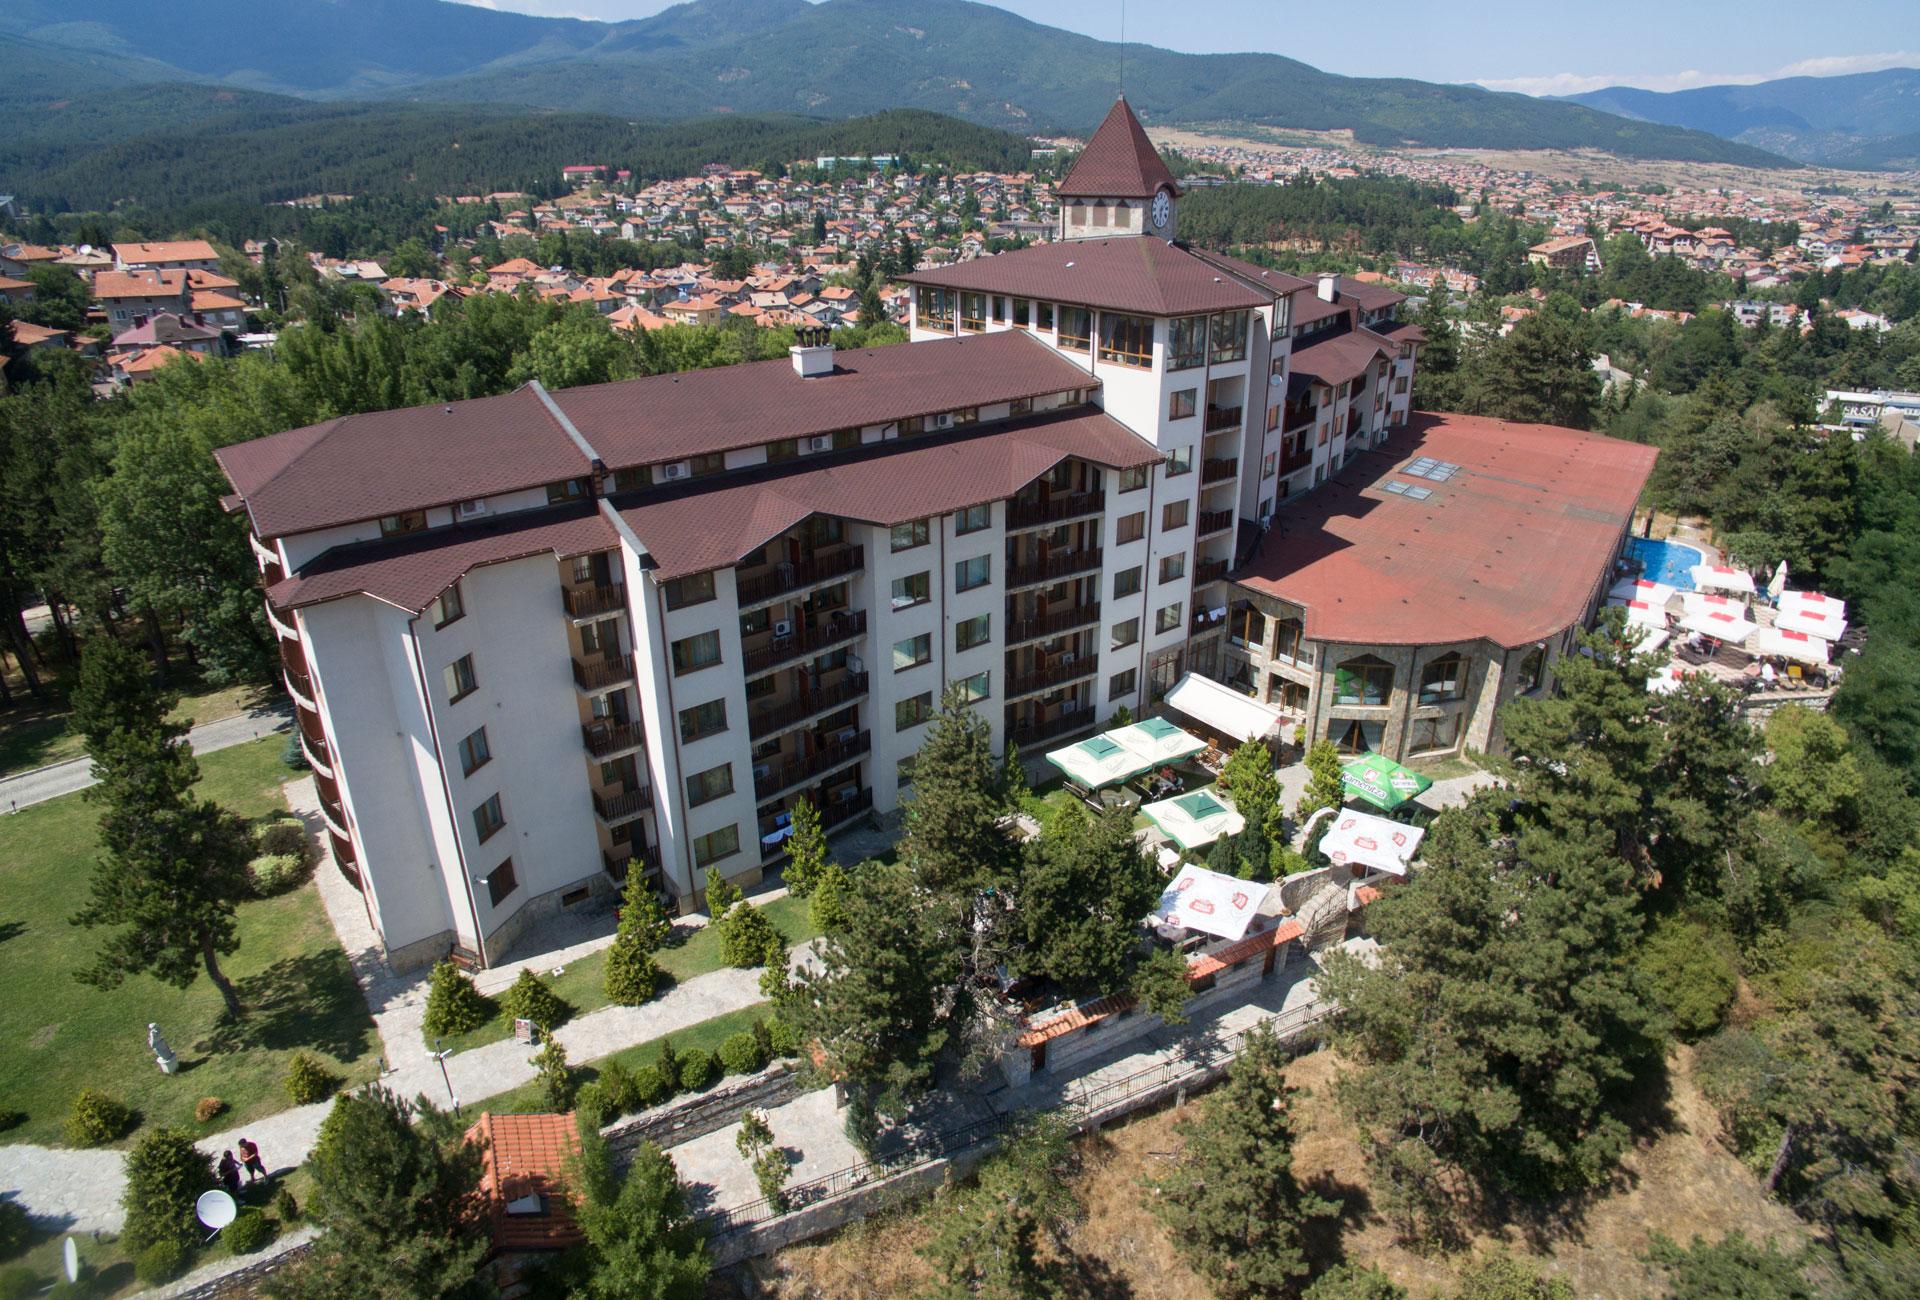 Ochakvaite nova vizia na vanshnia basein na Spa Club Bor-От 01.07.2019 външният басейн на хотел Спа Клуб Бор ще има нова обновена визия